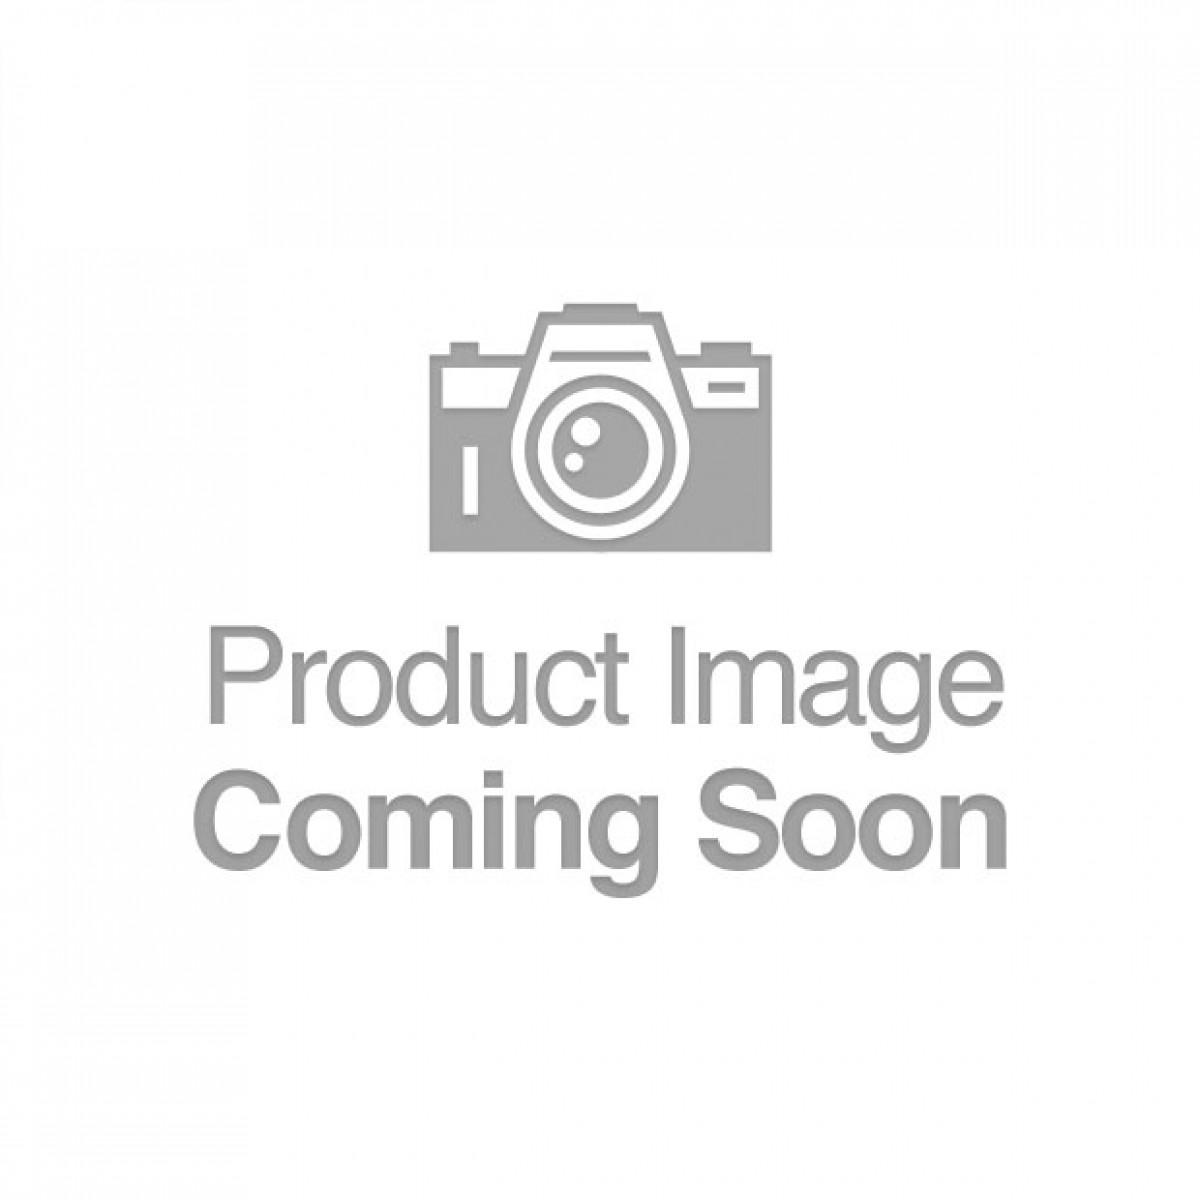 Forplay Gel Lubricant - 19 Oz Pump Bottle